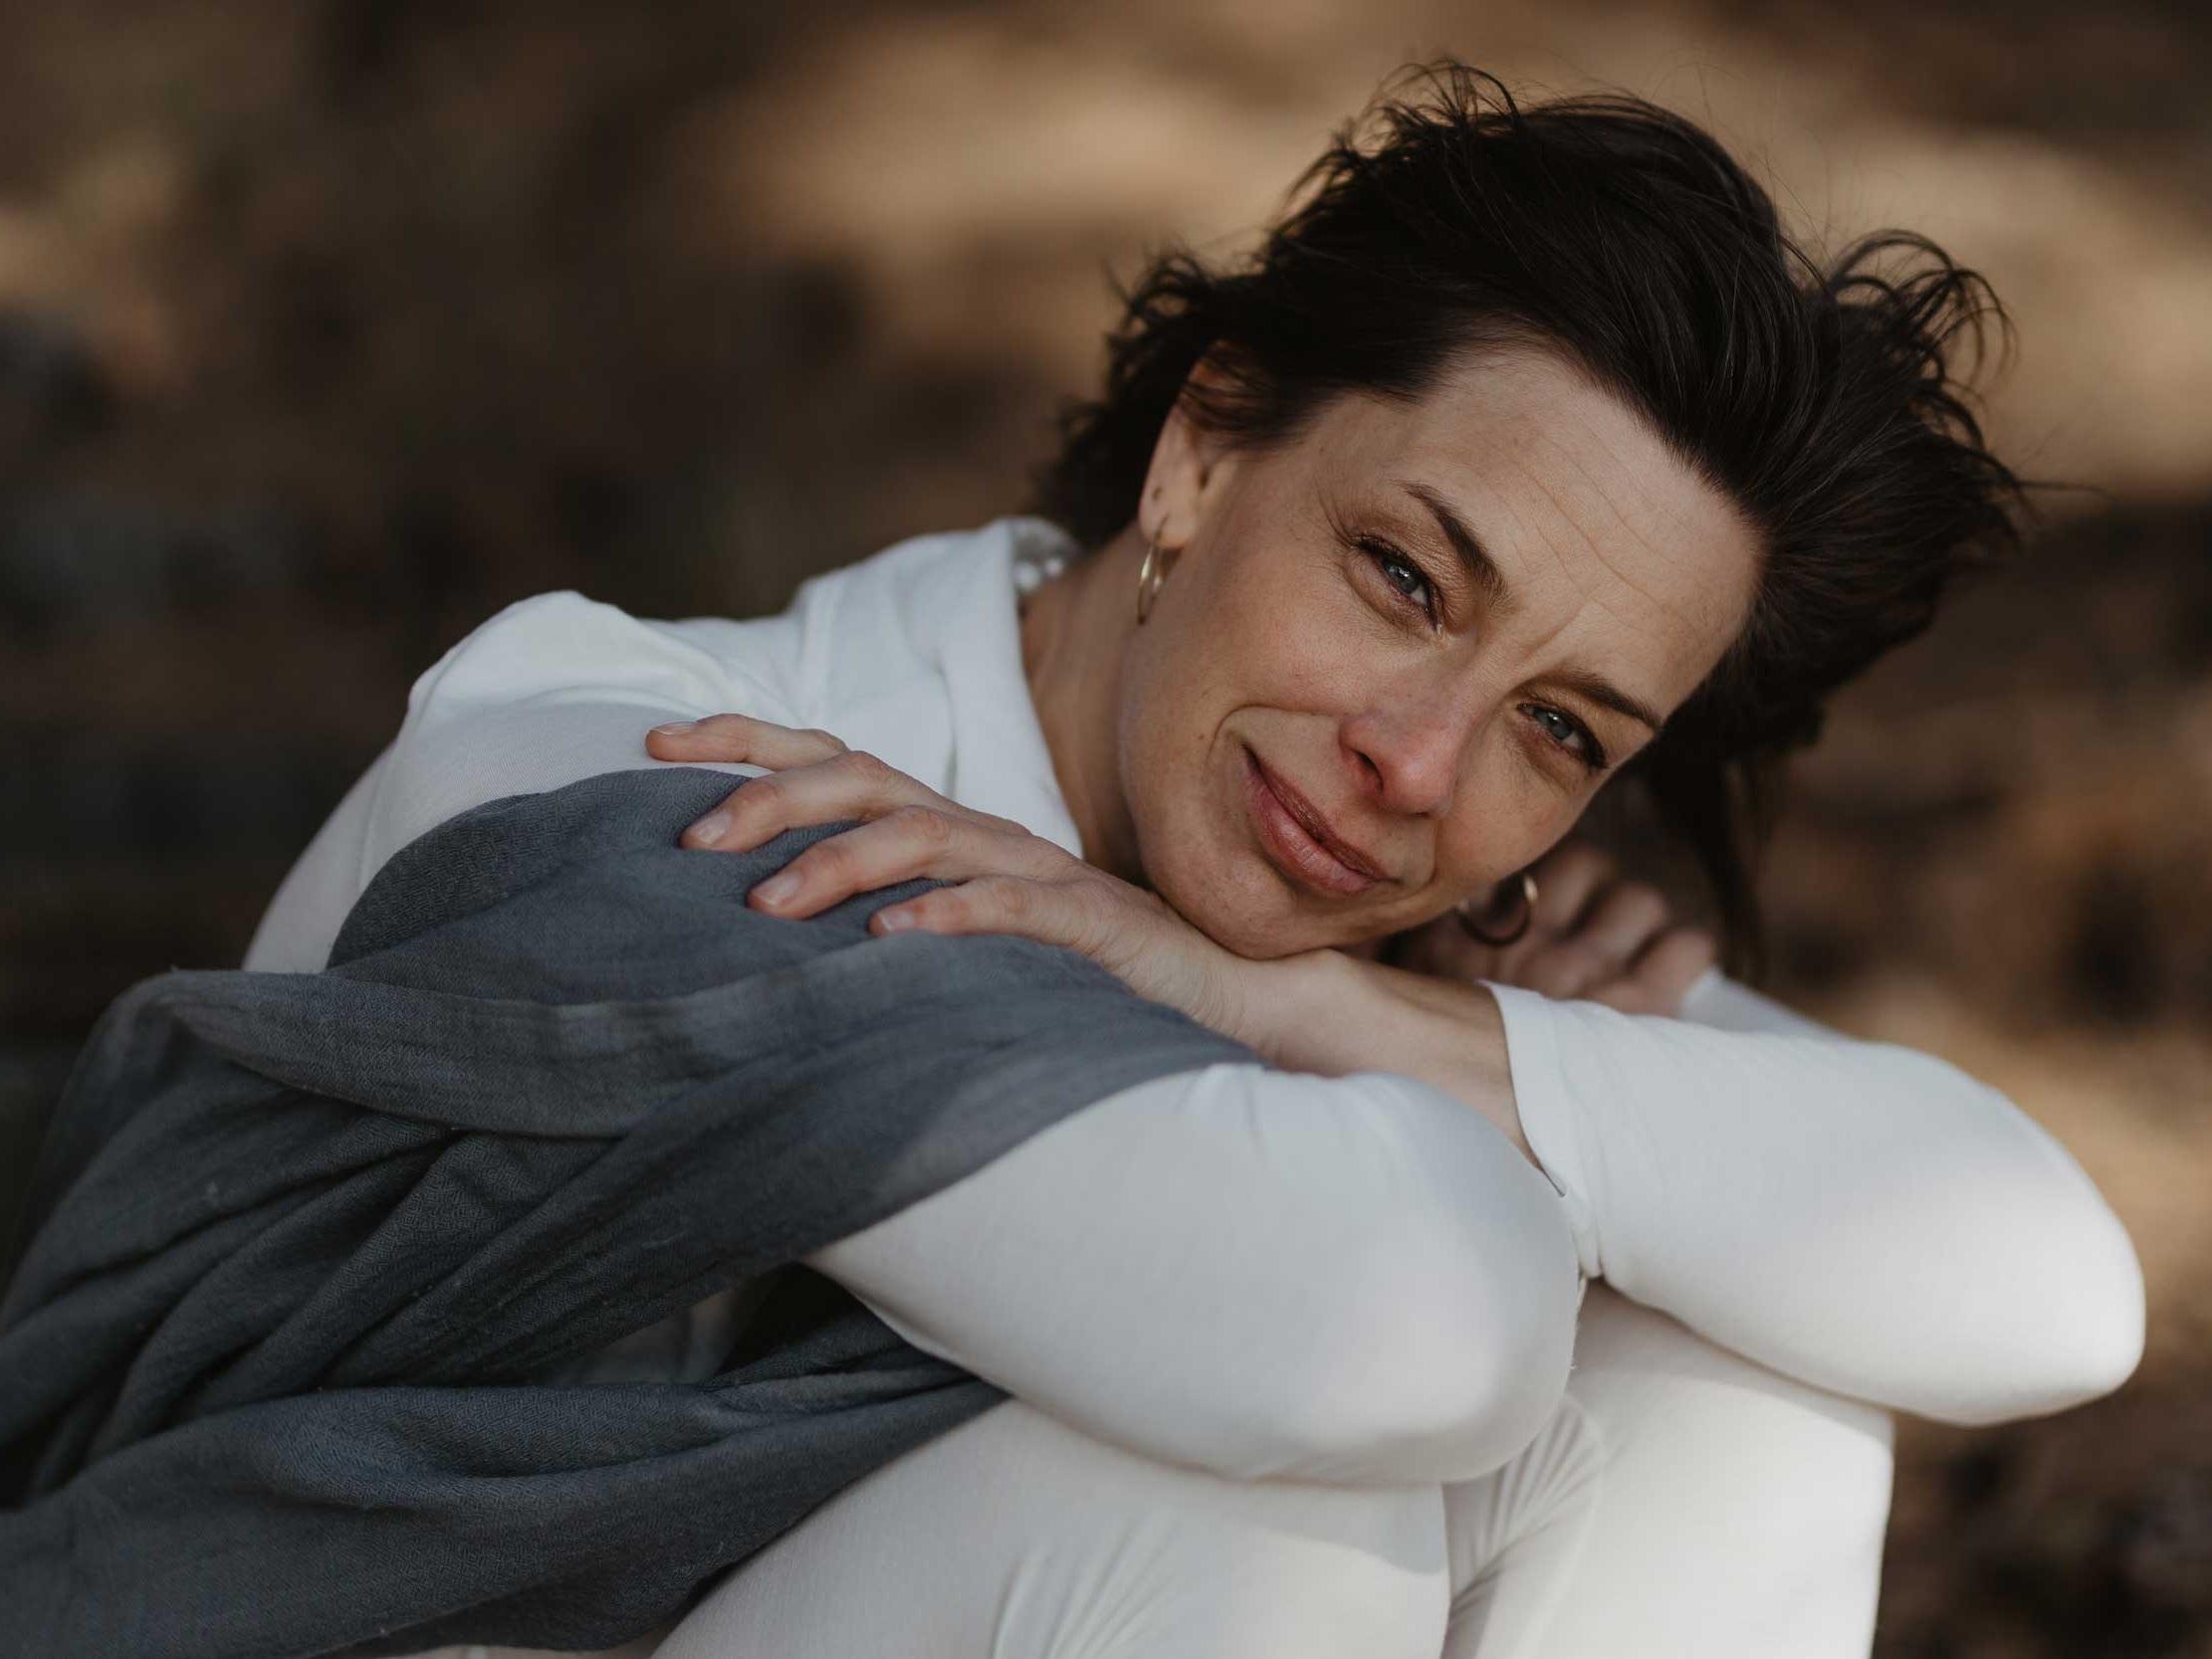 Sophia Göth - Kundaliniyogans underbara tekniker levererar, transformerar och gör en härligt lycklig. Det mest konsekventa jag har gjort i mitt liv är att utöva yoga och meditera.